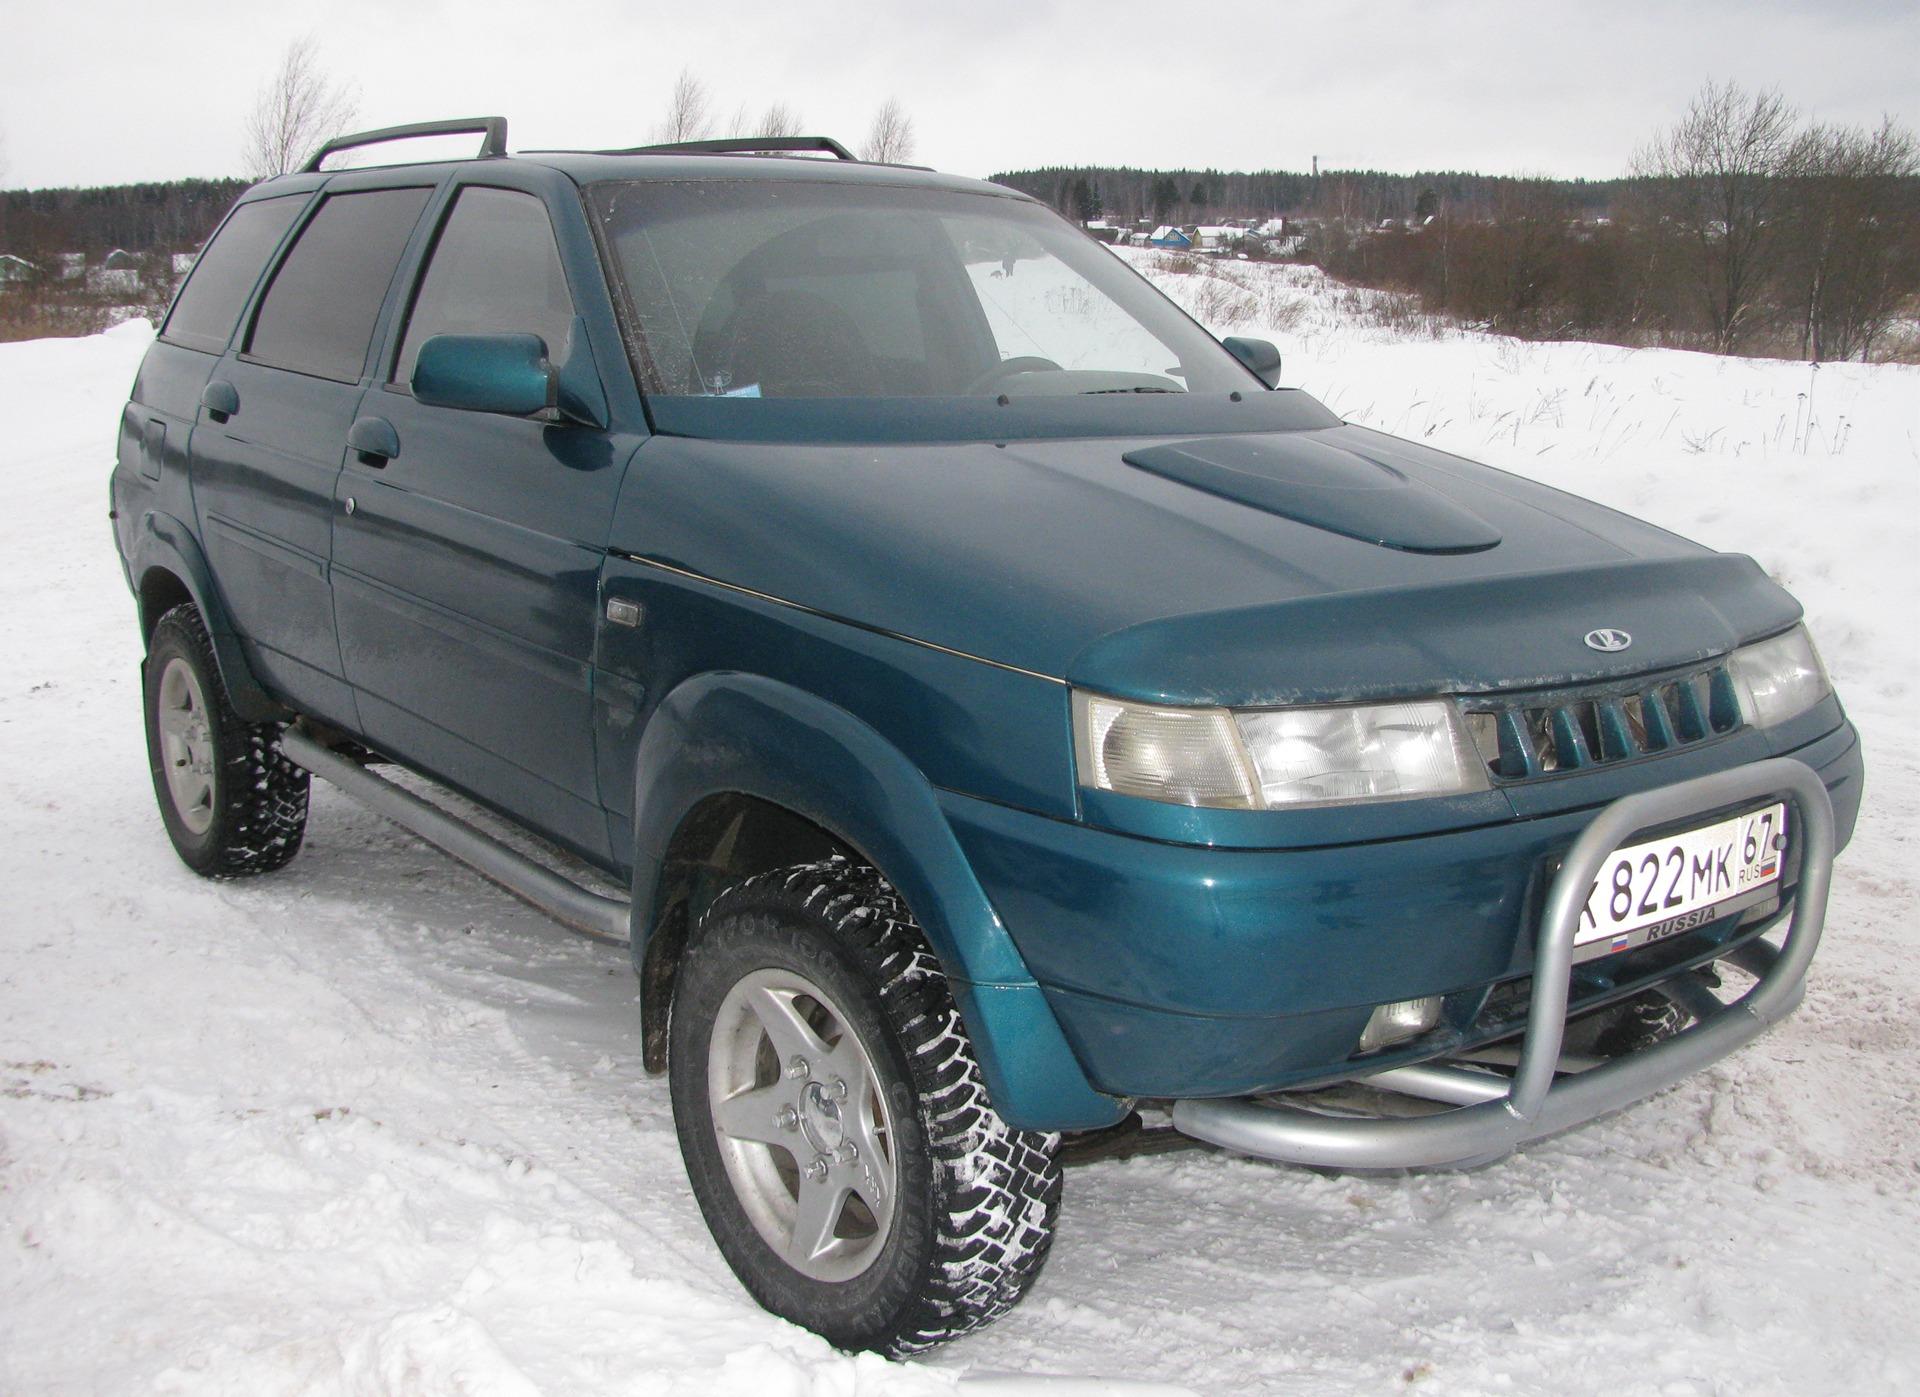 Продажа ВАЗ 2111 Тарзан 2 Легковой автомобиль продам